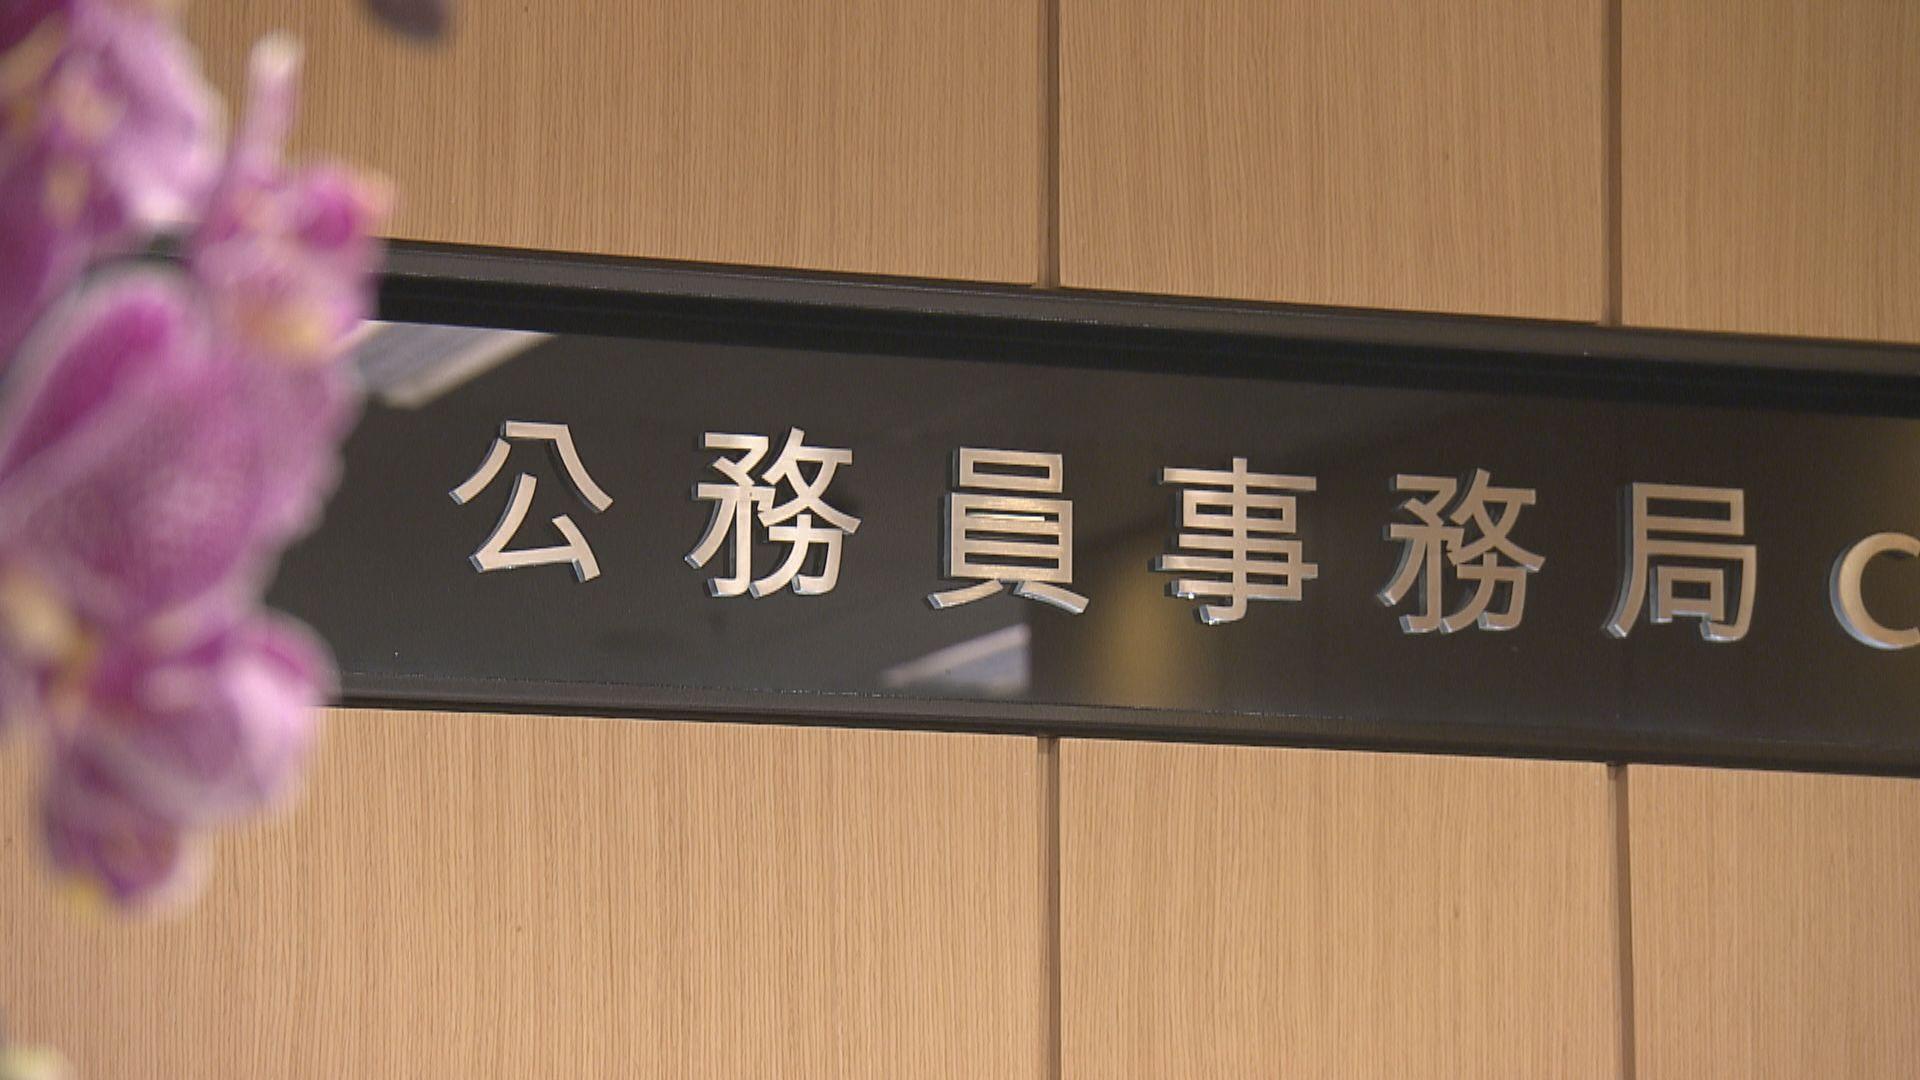 截至2月底26名公務員因反修例活動被捕 全部停職